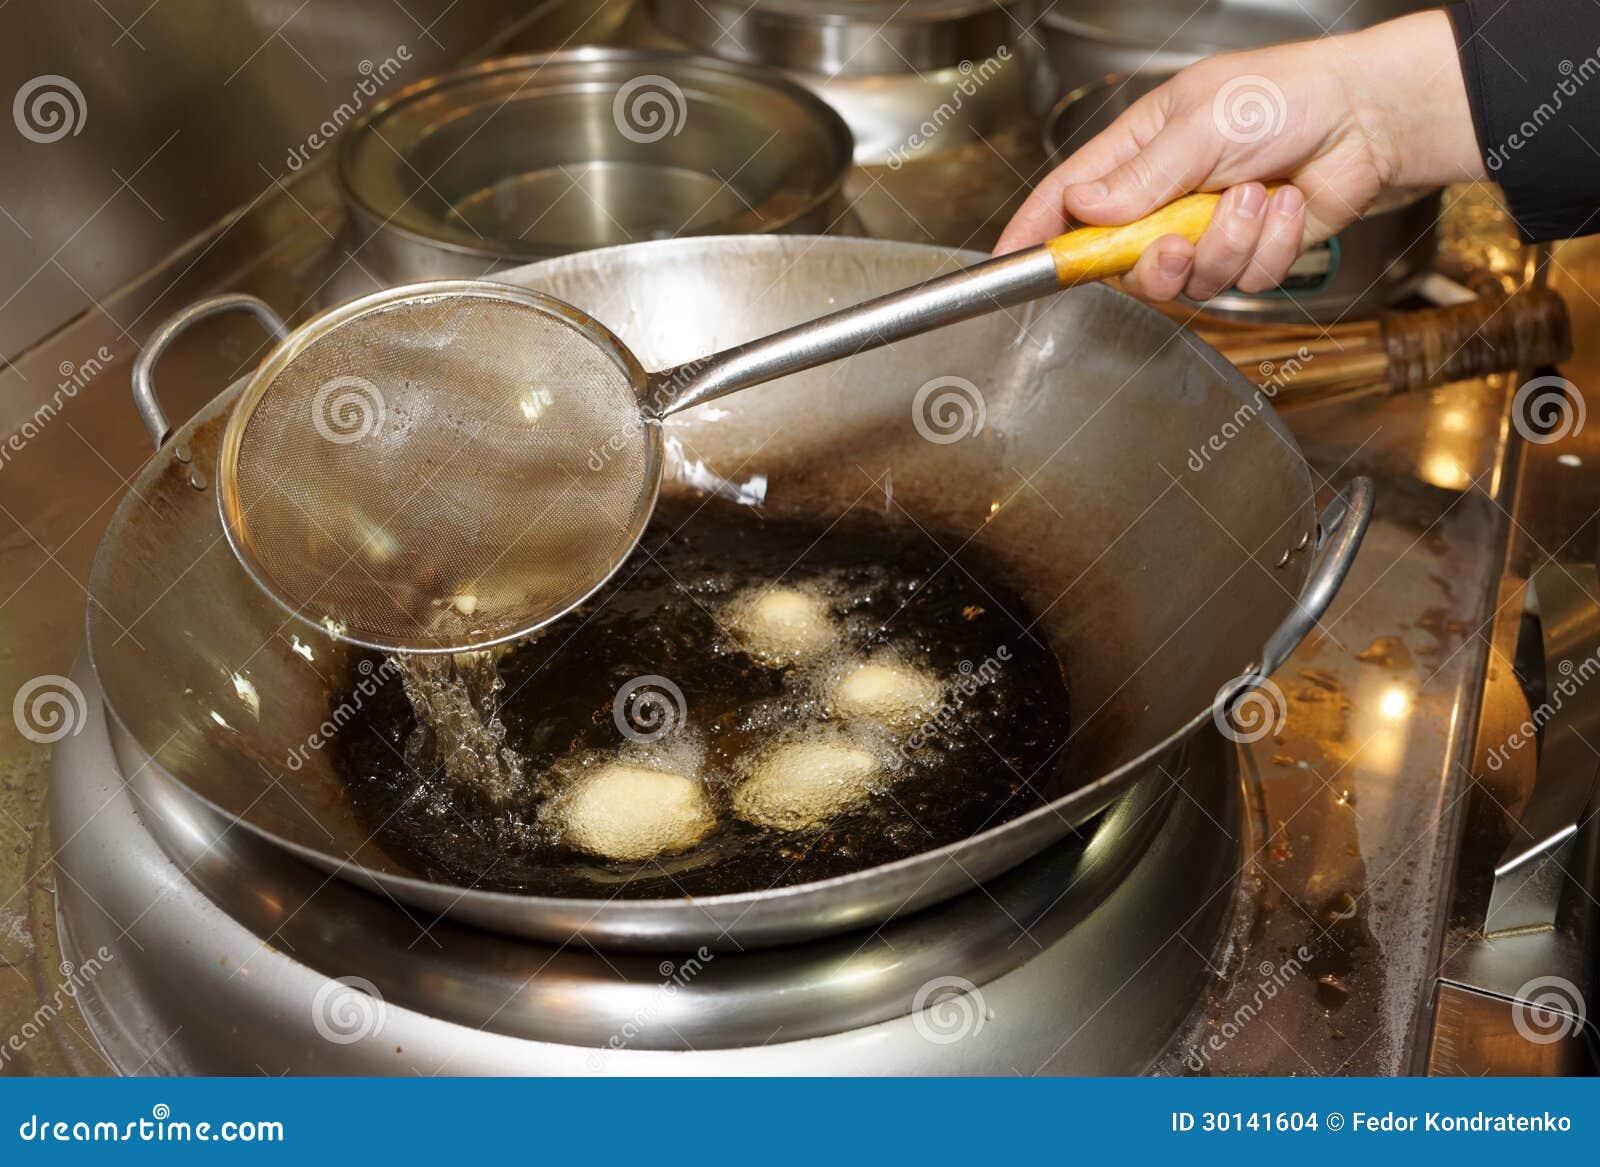 Filhóses que estão sendo fritadas no óleo